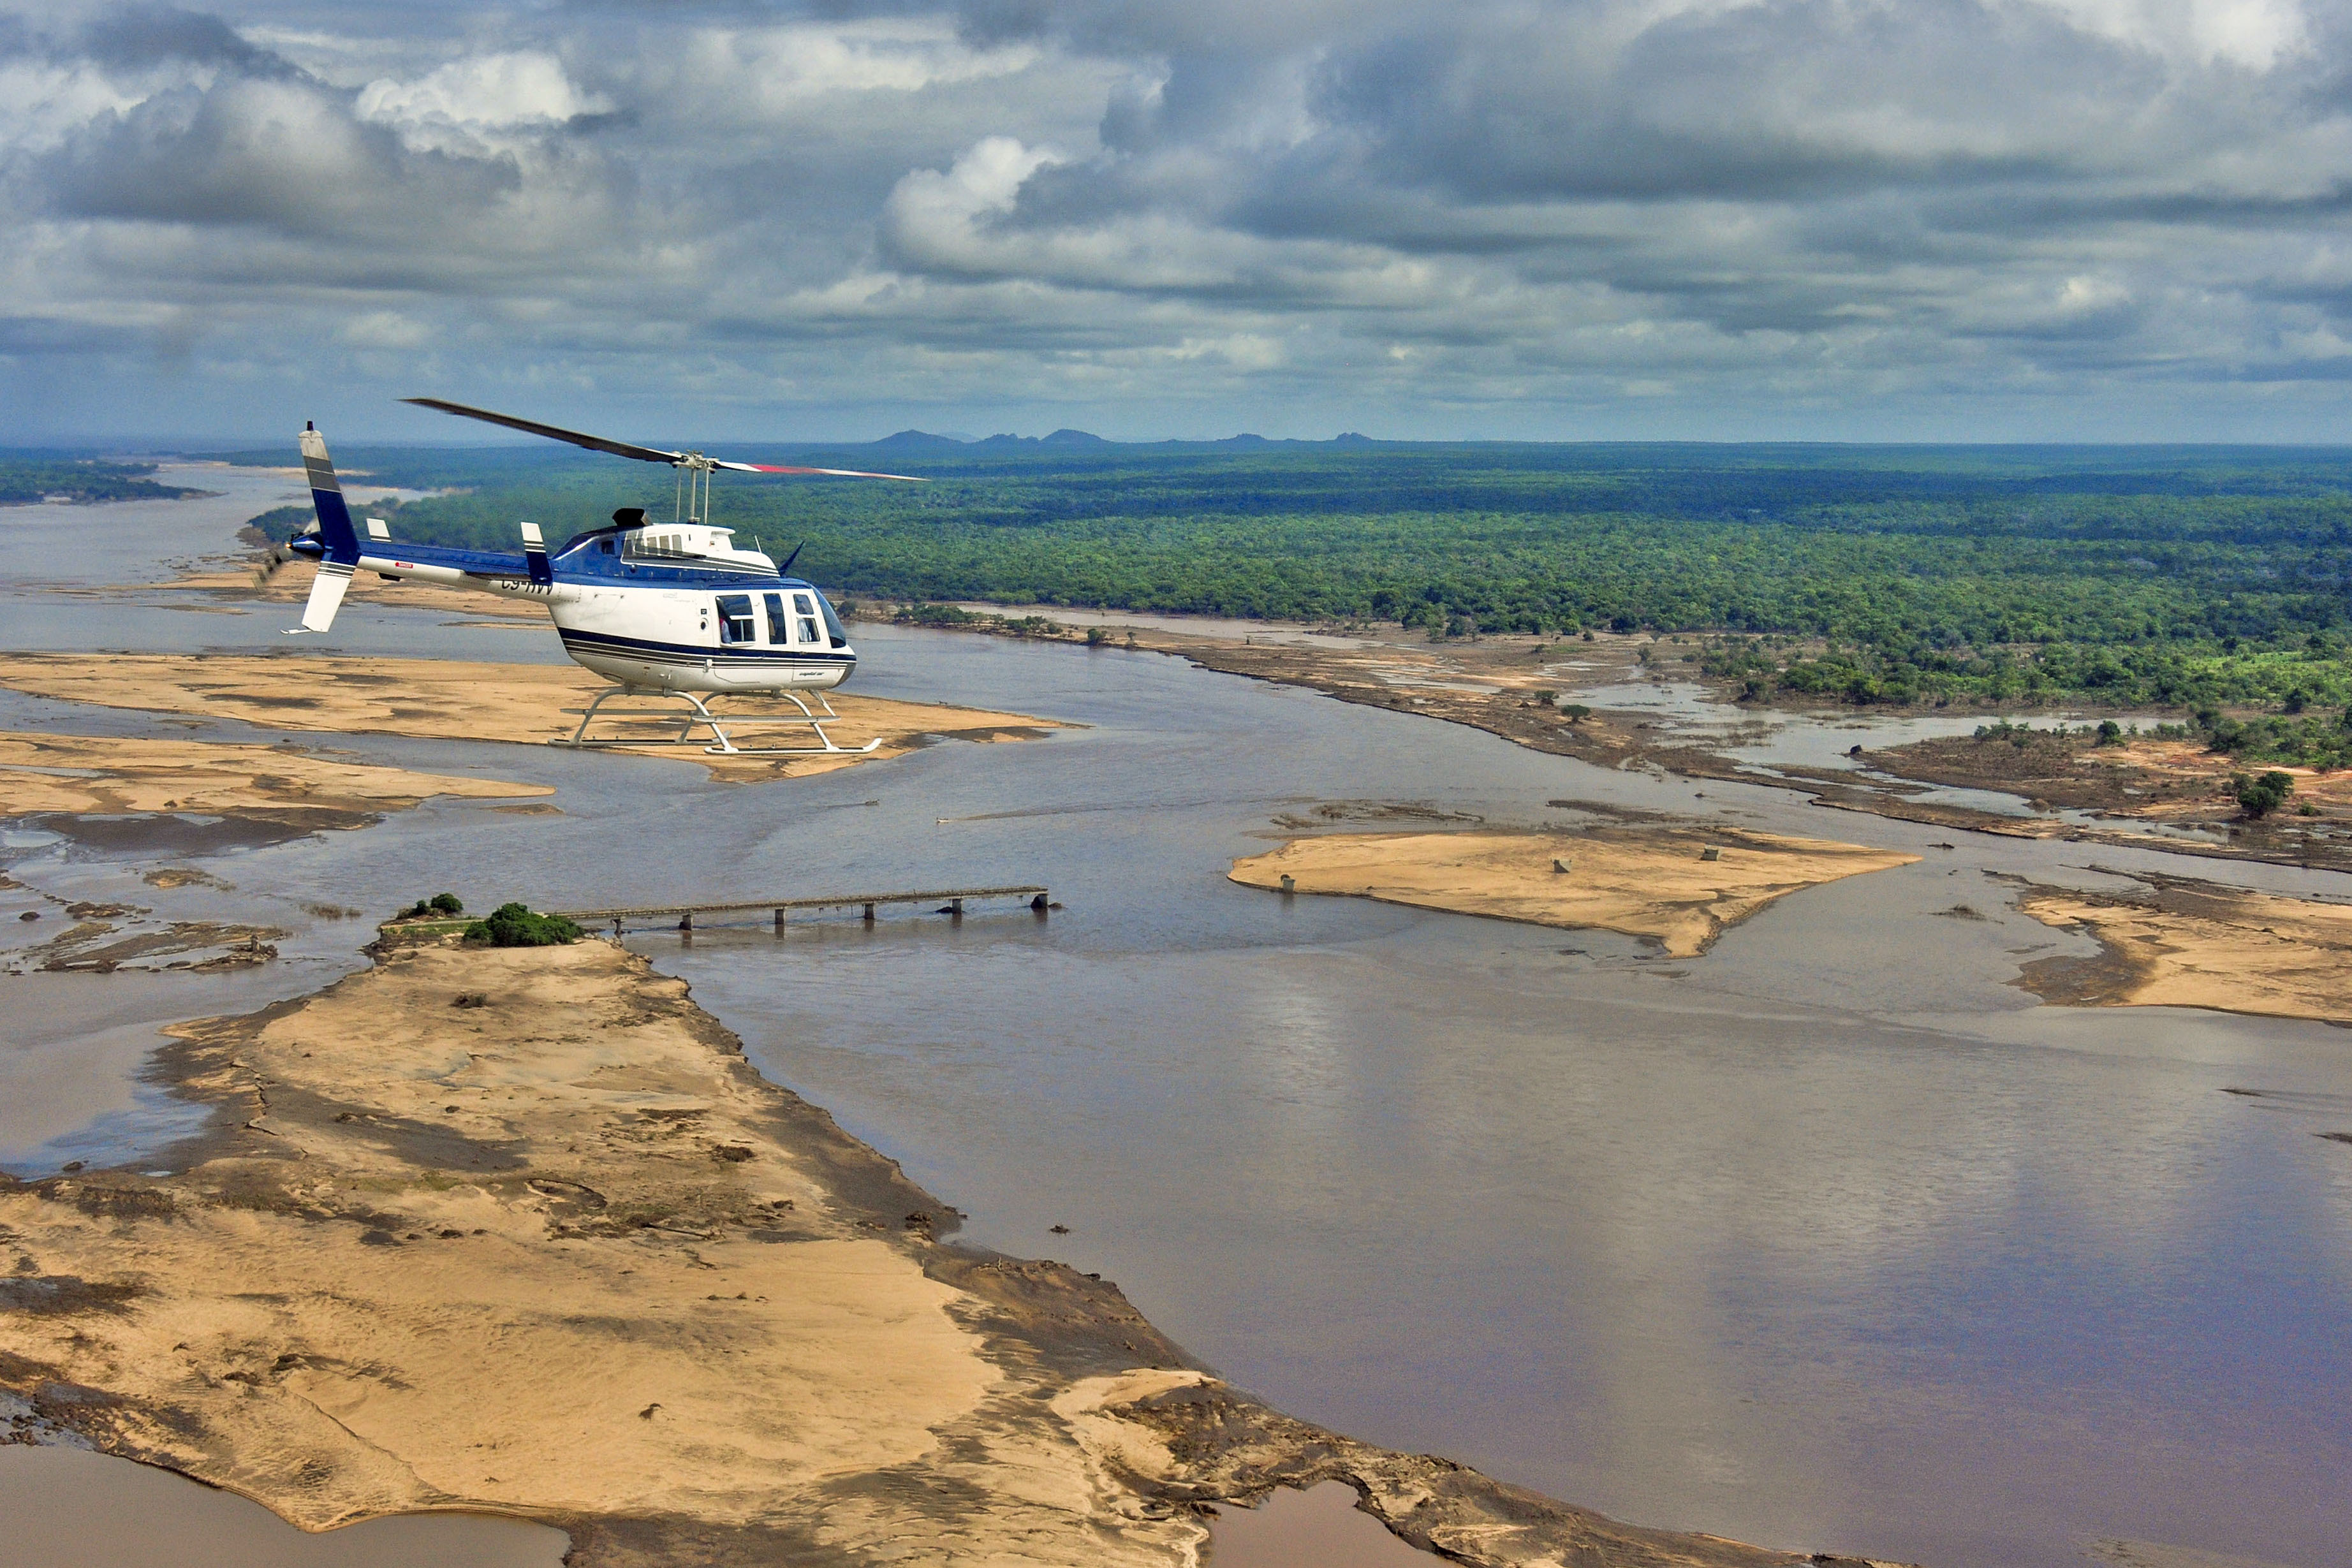 Número de mortos devido ao mau tempo em Moçambique sobe para 44 - Governo